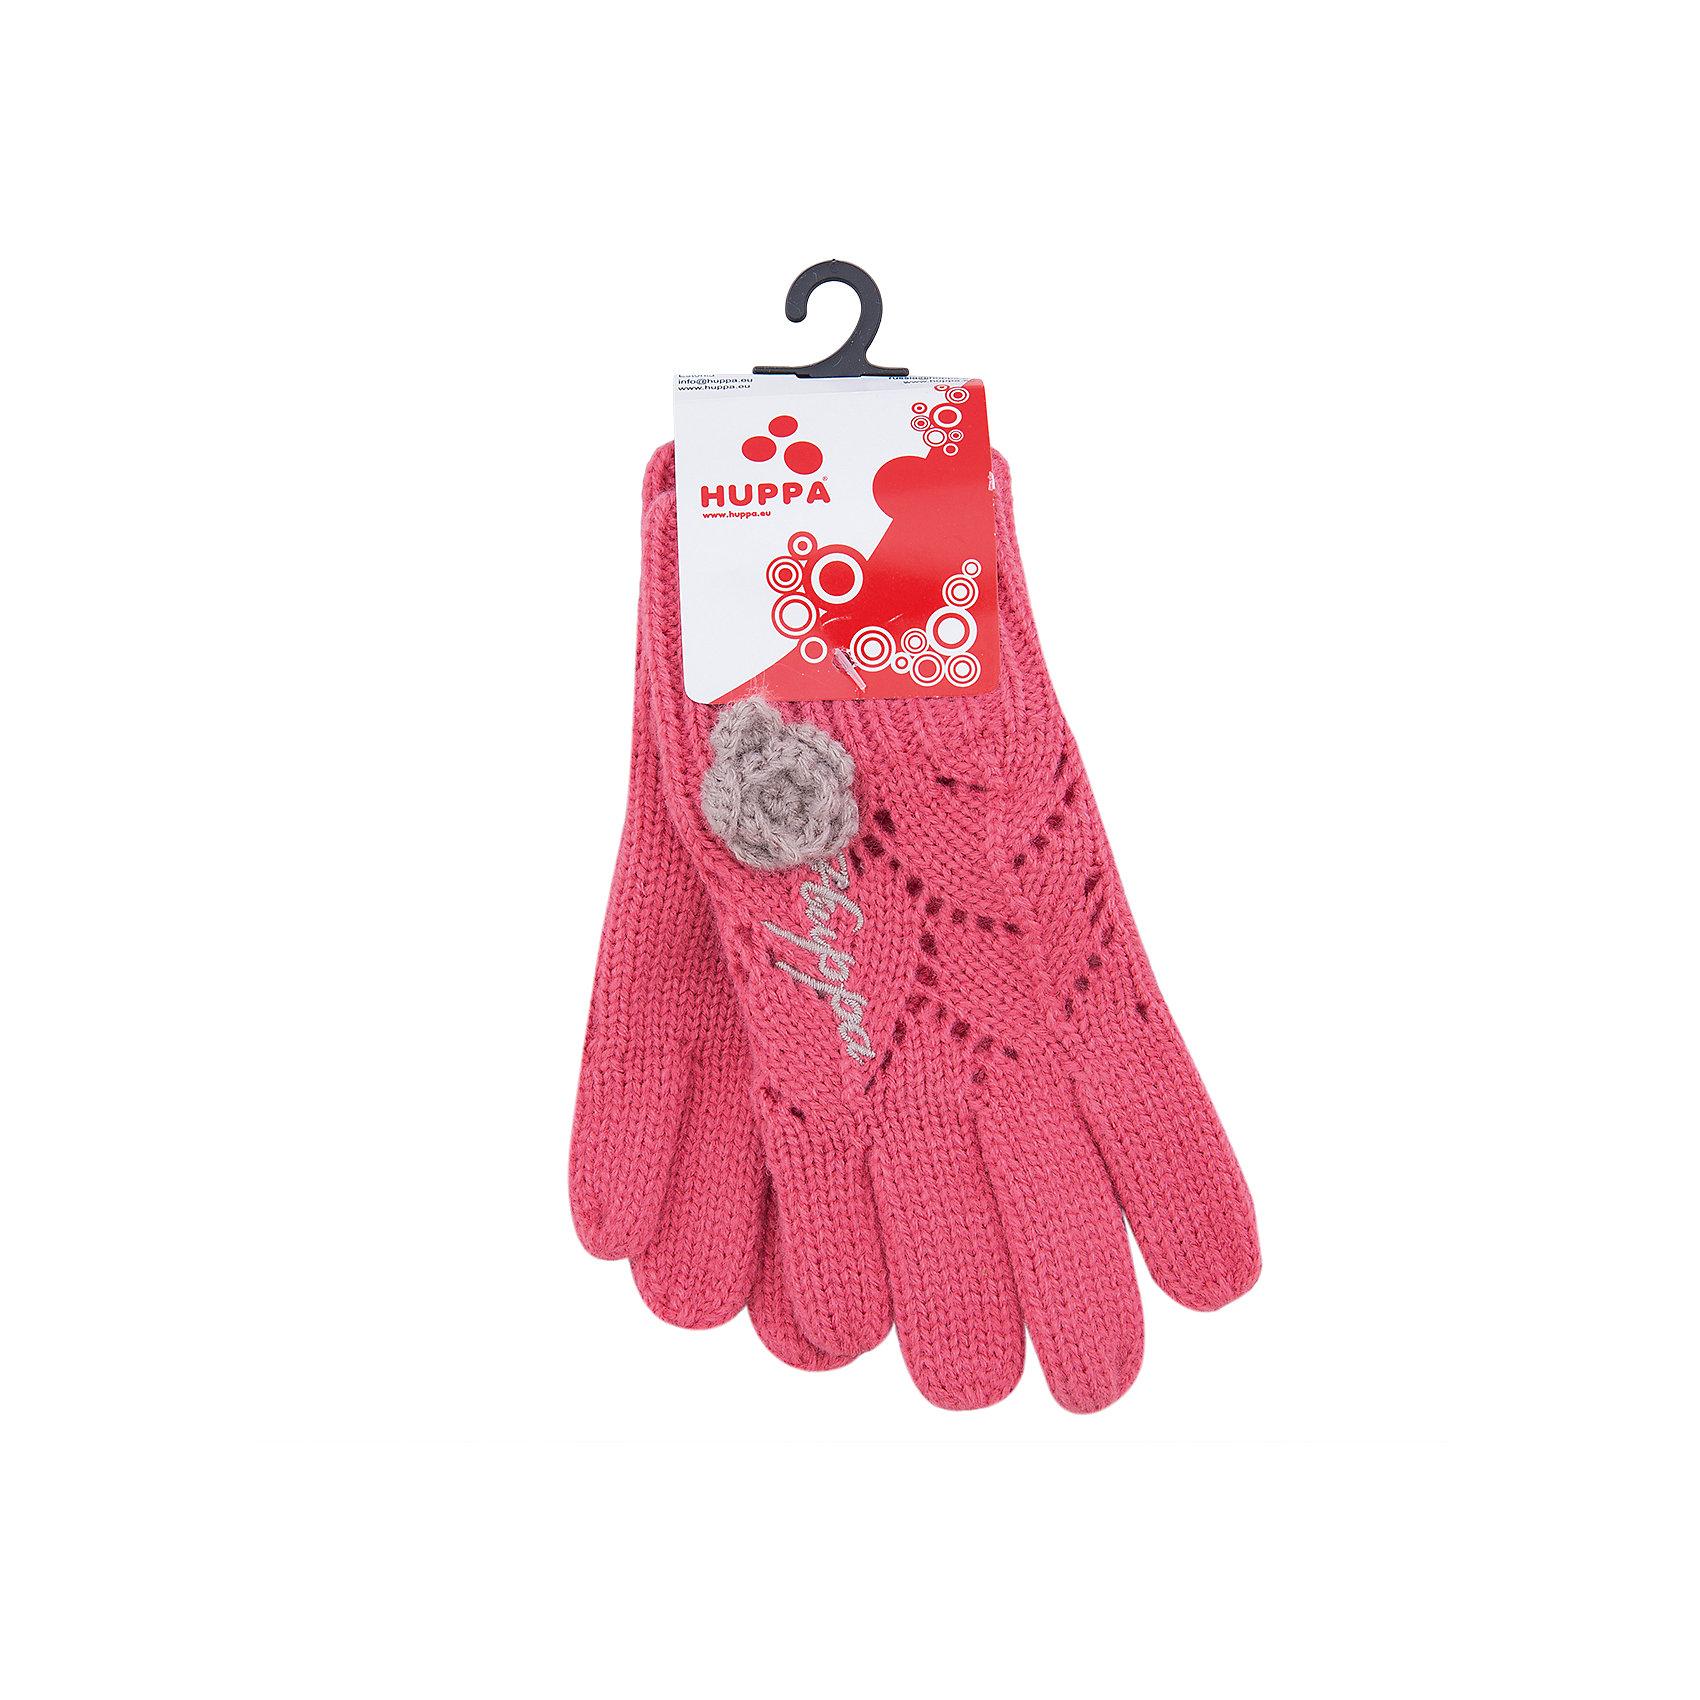 Перчатки для девочки HuppaПерчатки, варежки<br>Вязаные перчатки Leila Huppa(Хуппа) изготовлены из качественного акрила, отлично сохраняющего тепло. Перчатки имеют широкую резинку на запястье и хорошо держатся на руках. Украшены кружевными элементами, красивым цветком и вышивкой. Такие очаровательные перчатки по достоинству оценит юная леди.<br><br>Дополнительная информация:<br>Цвет: коралловый<br>Материал: 100% акрил<br><br>Перчатки Leila Huppa вы можете приобрести в нашем интернет-магазине.<br><br>Ширина мм: 162<br>Глубина мм: 171<br>Высота мм: 55<br>Вес г: 119<br>Цвет: розовый<br>Возраст от месяцев: 12<br>Возраст до месяцев: 24<br>Пол: Женский<br>Возраст: Детский<br>Размер: 2,3,4<br>SKU: 4923739